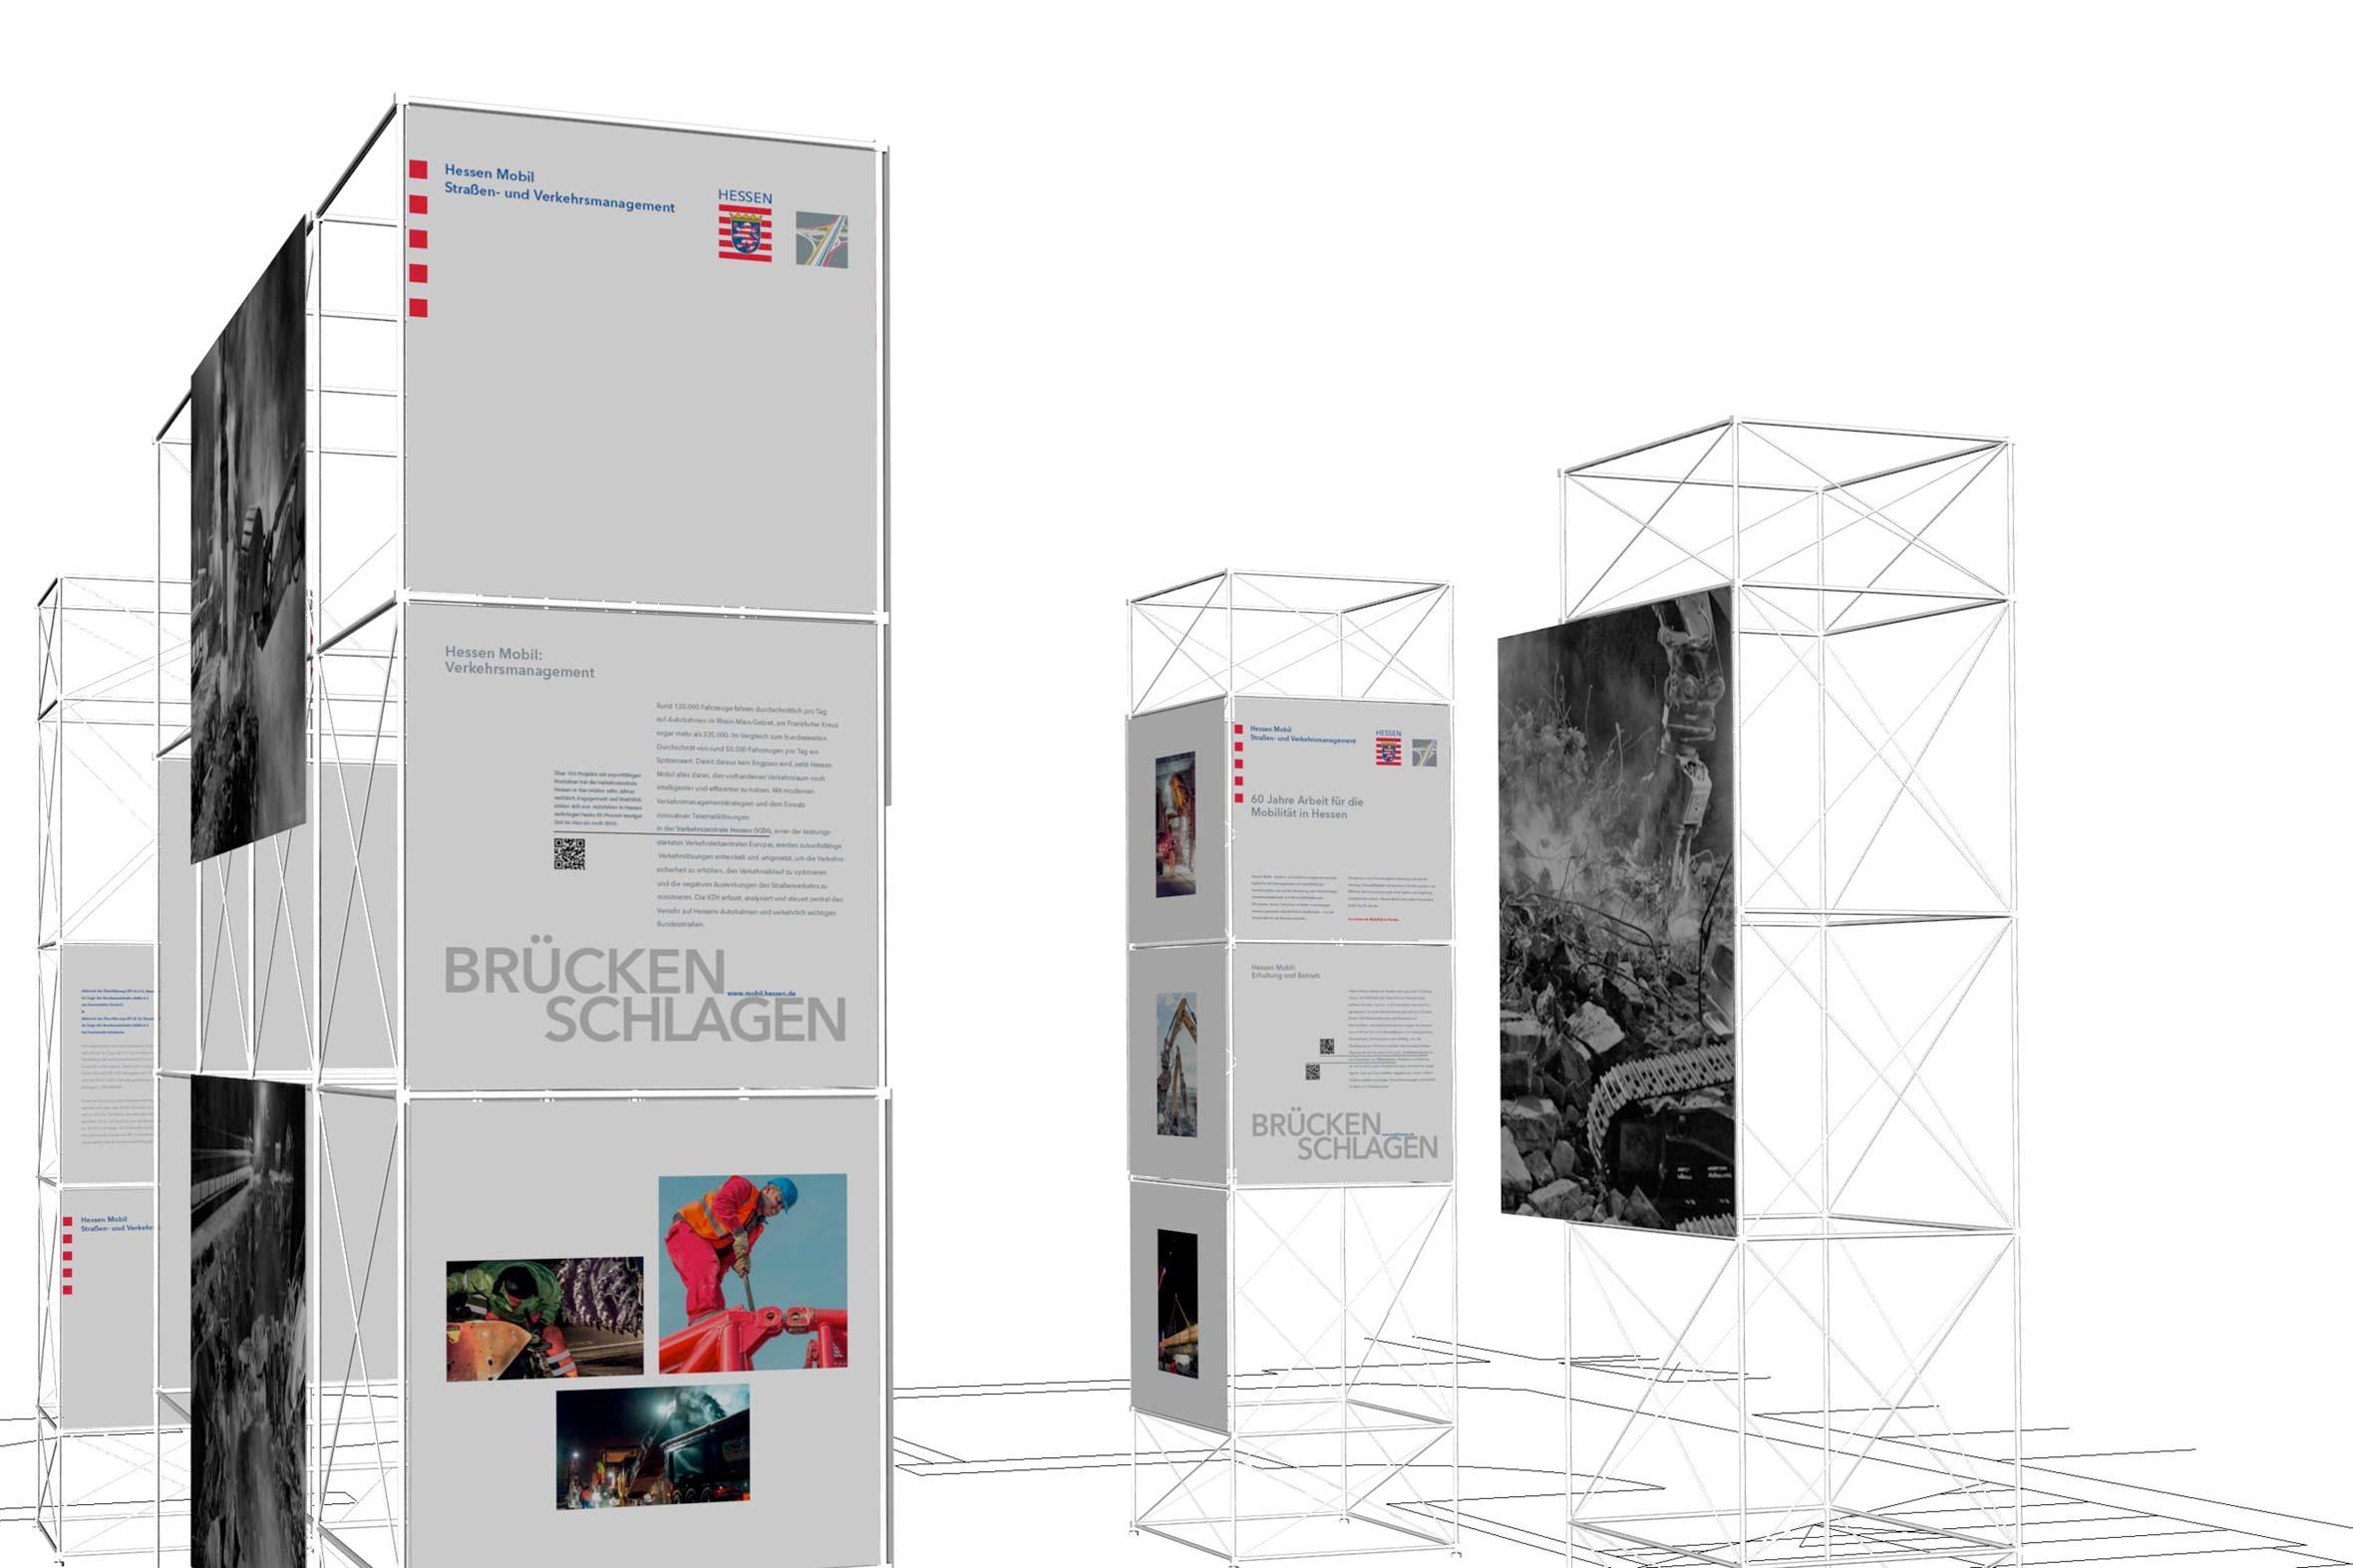 Tonia Bürkle (blaugrau): Brücken schlagen für Hessen Mobil Wiesbaden 1